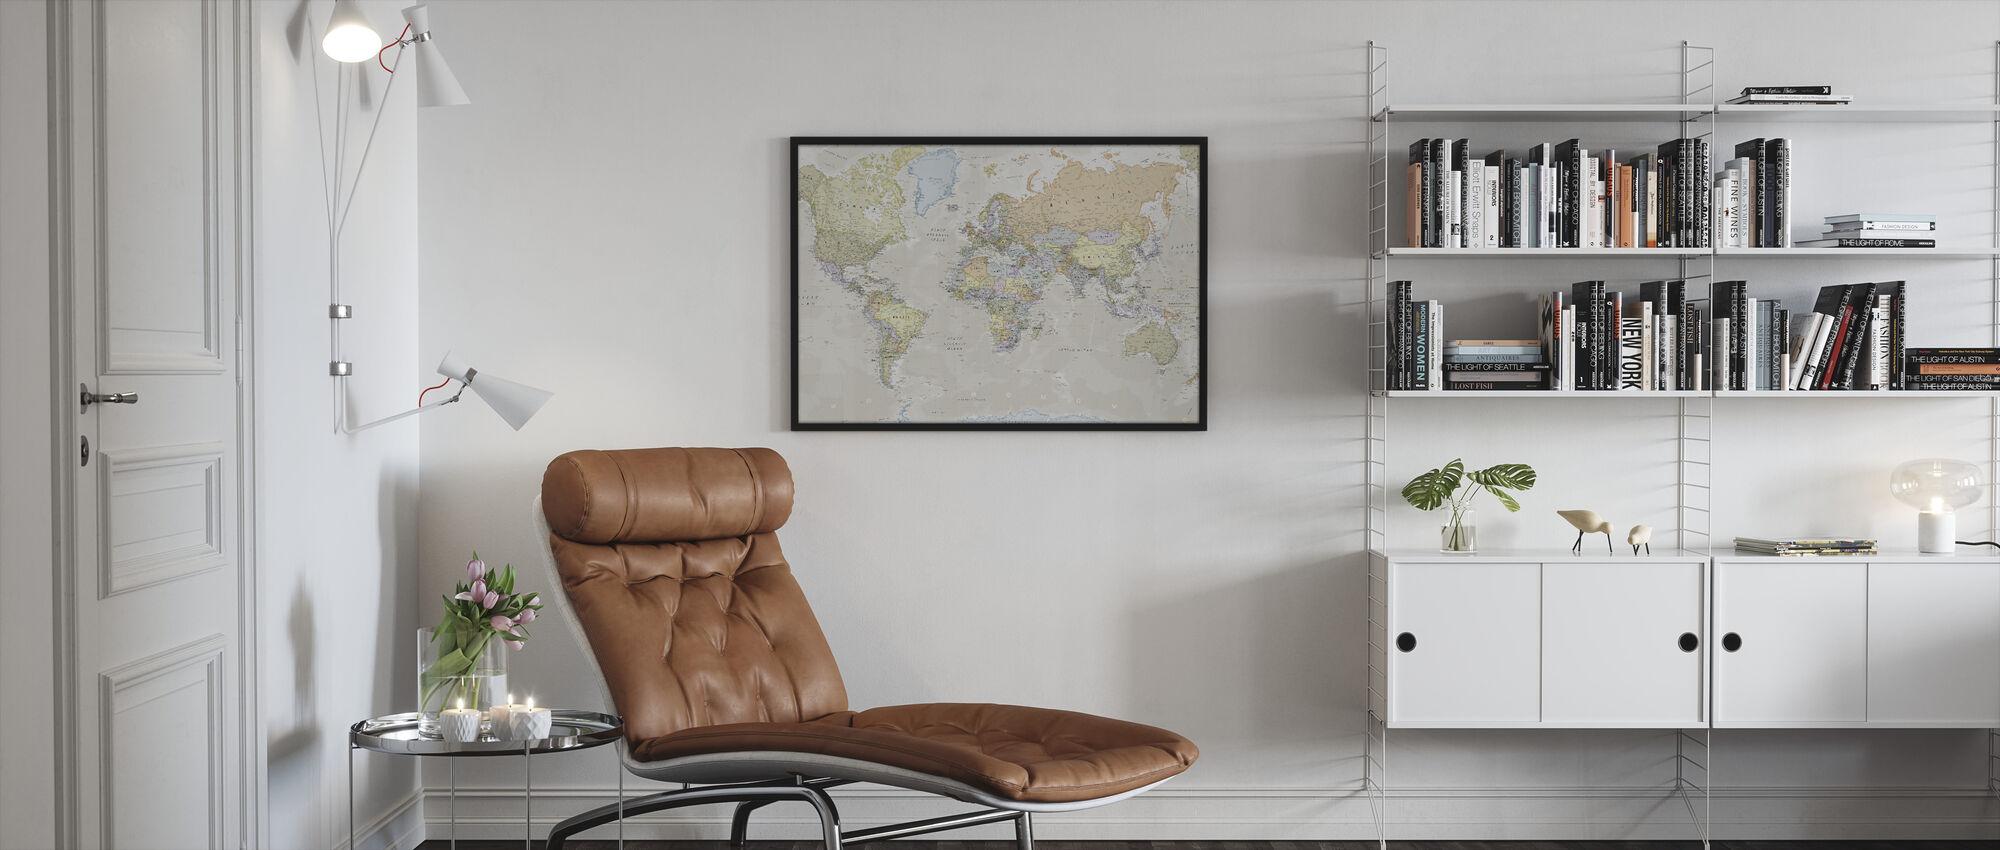 Classica Mappa del Mondo - Stampa incorniciata - Salotto